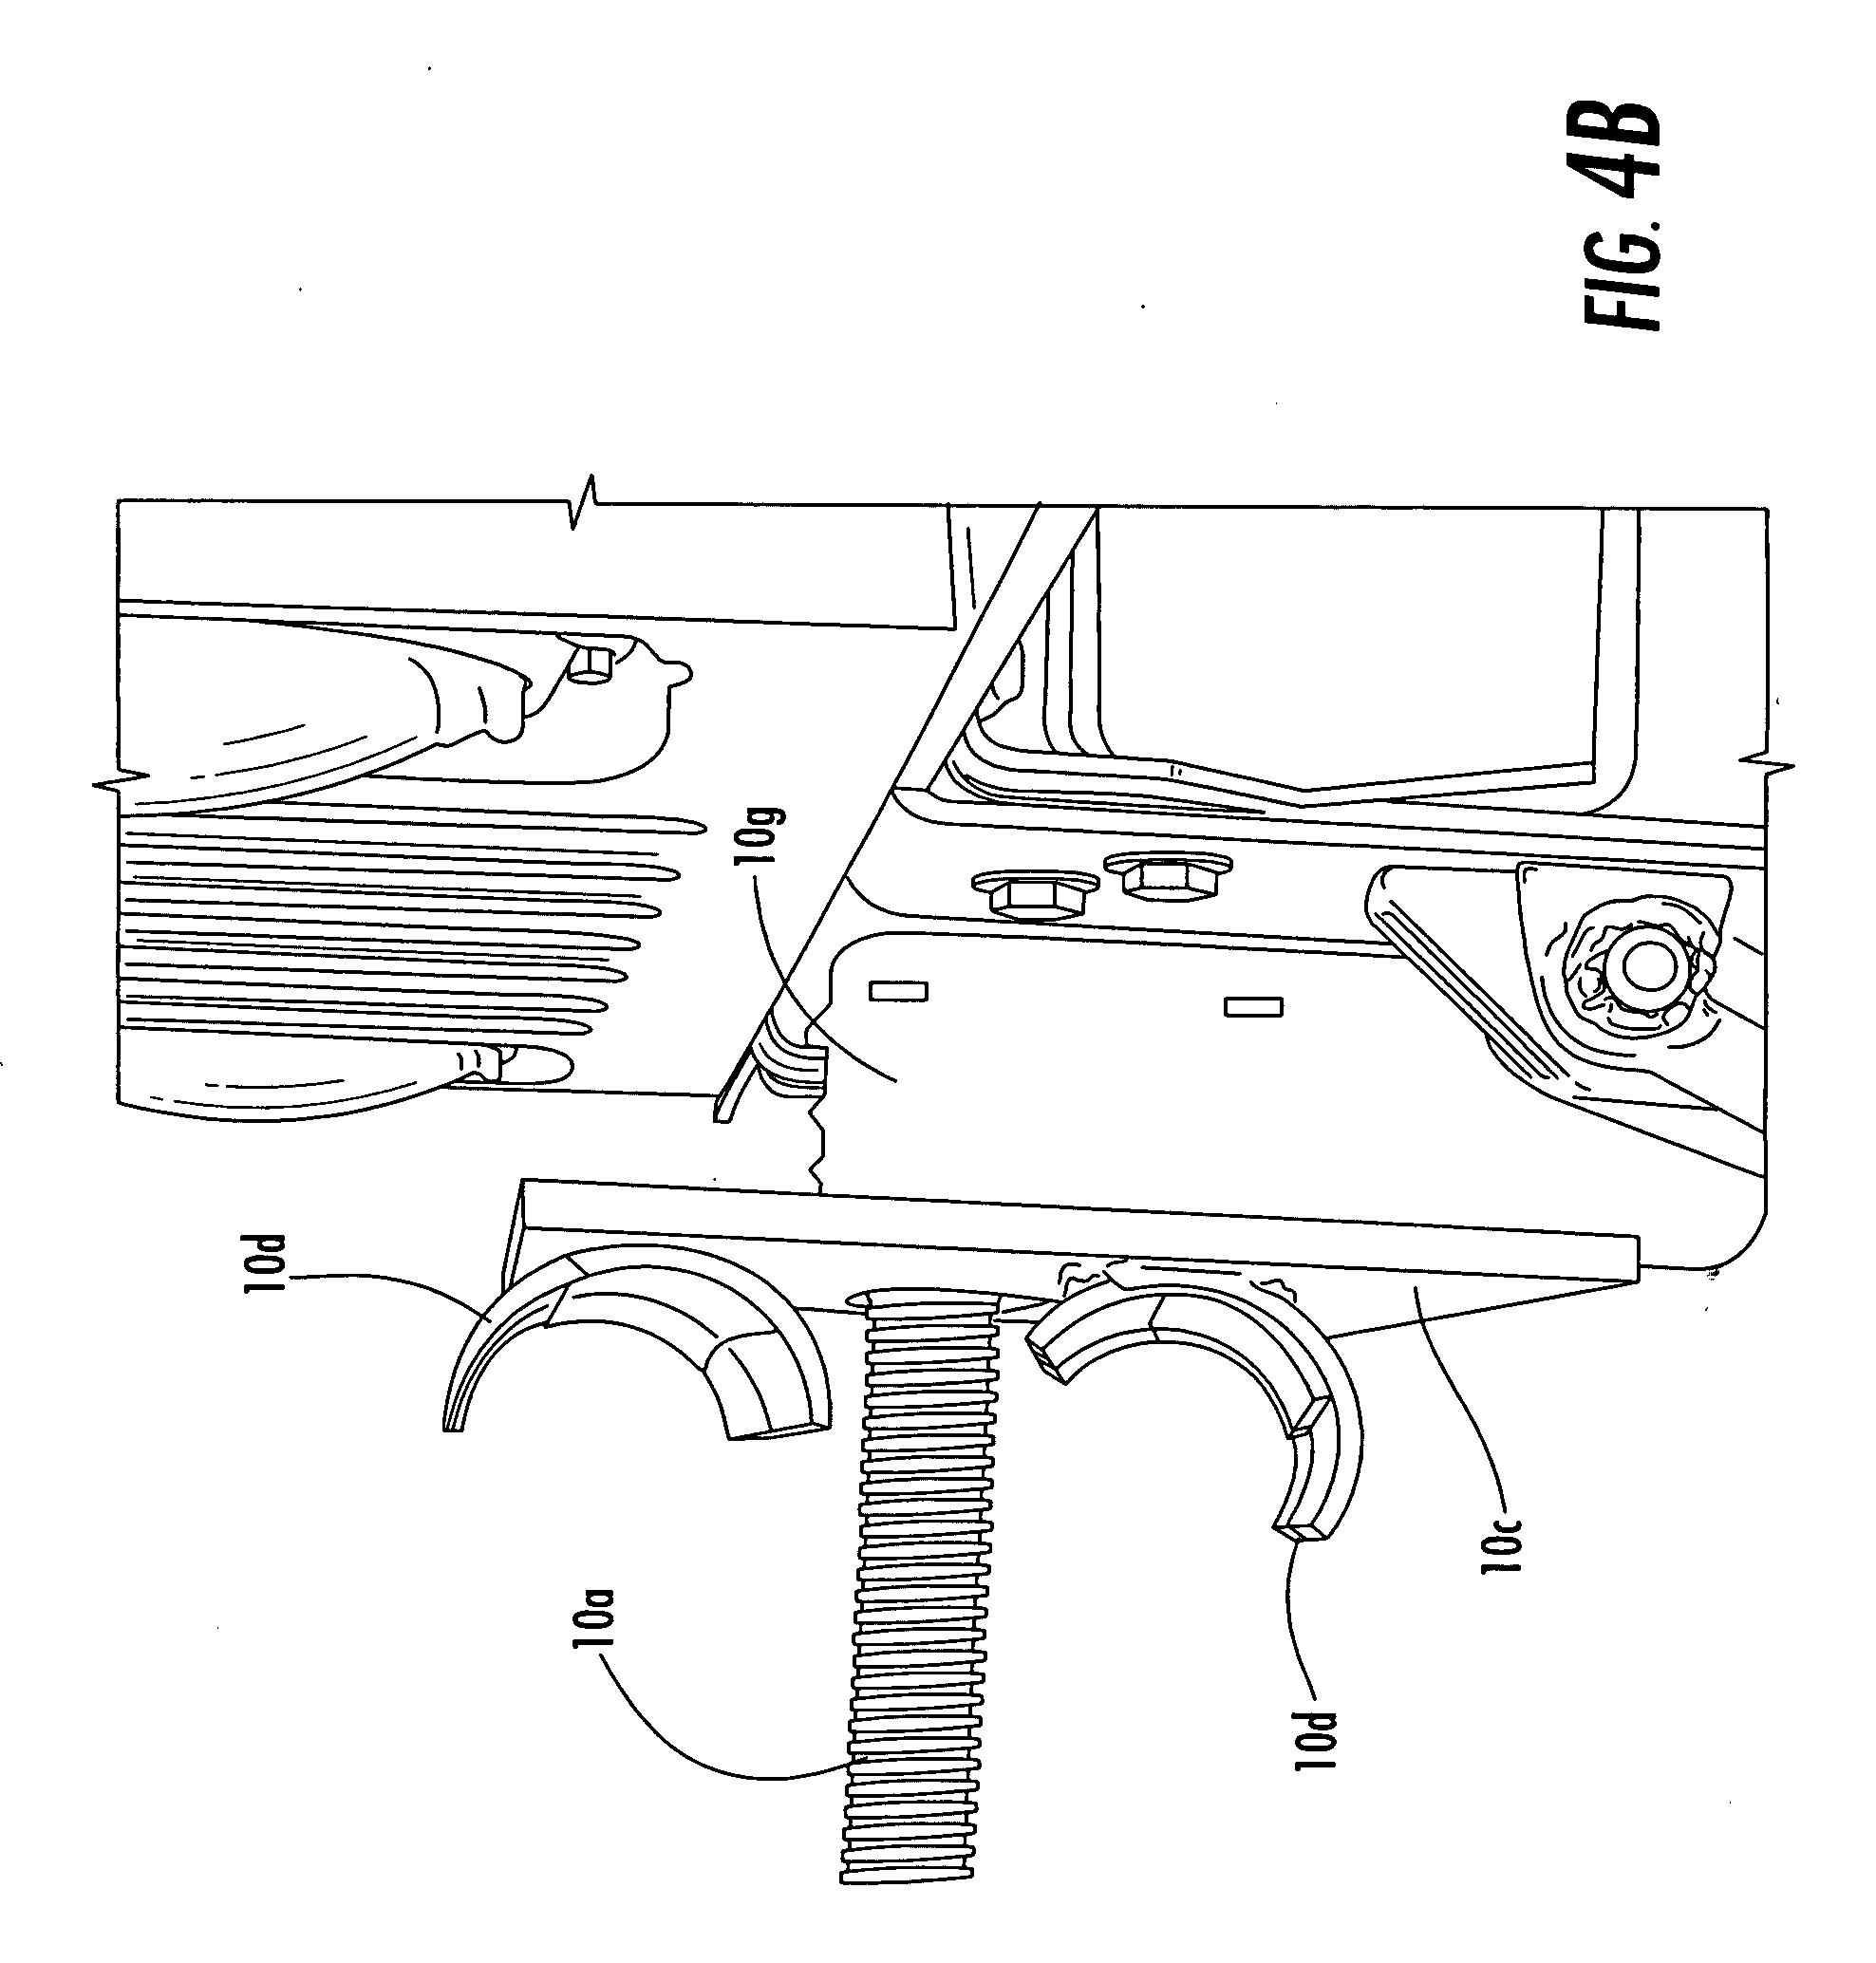 tow bar hardware